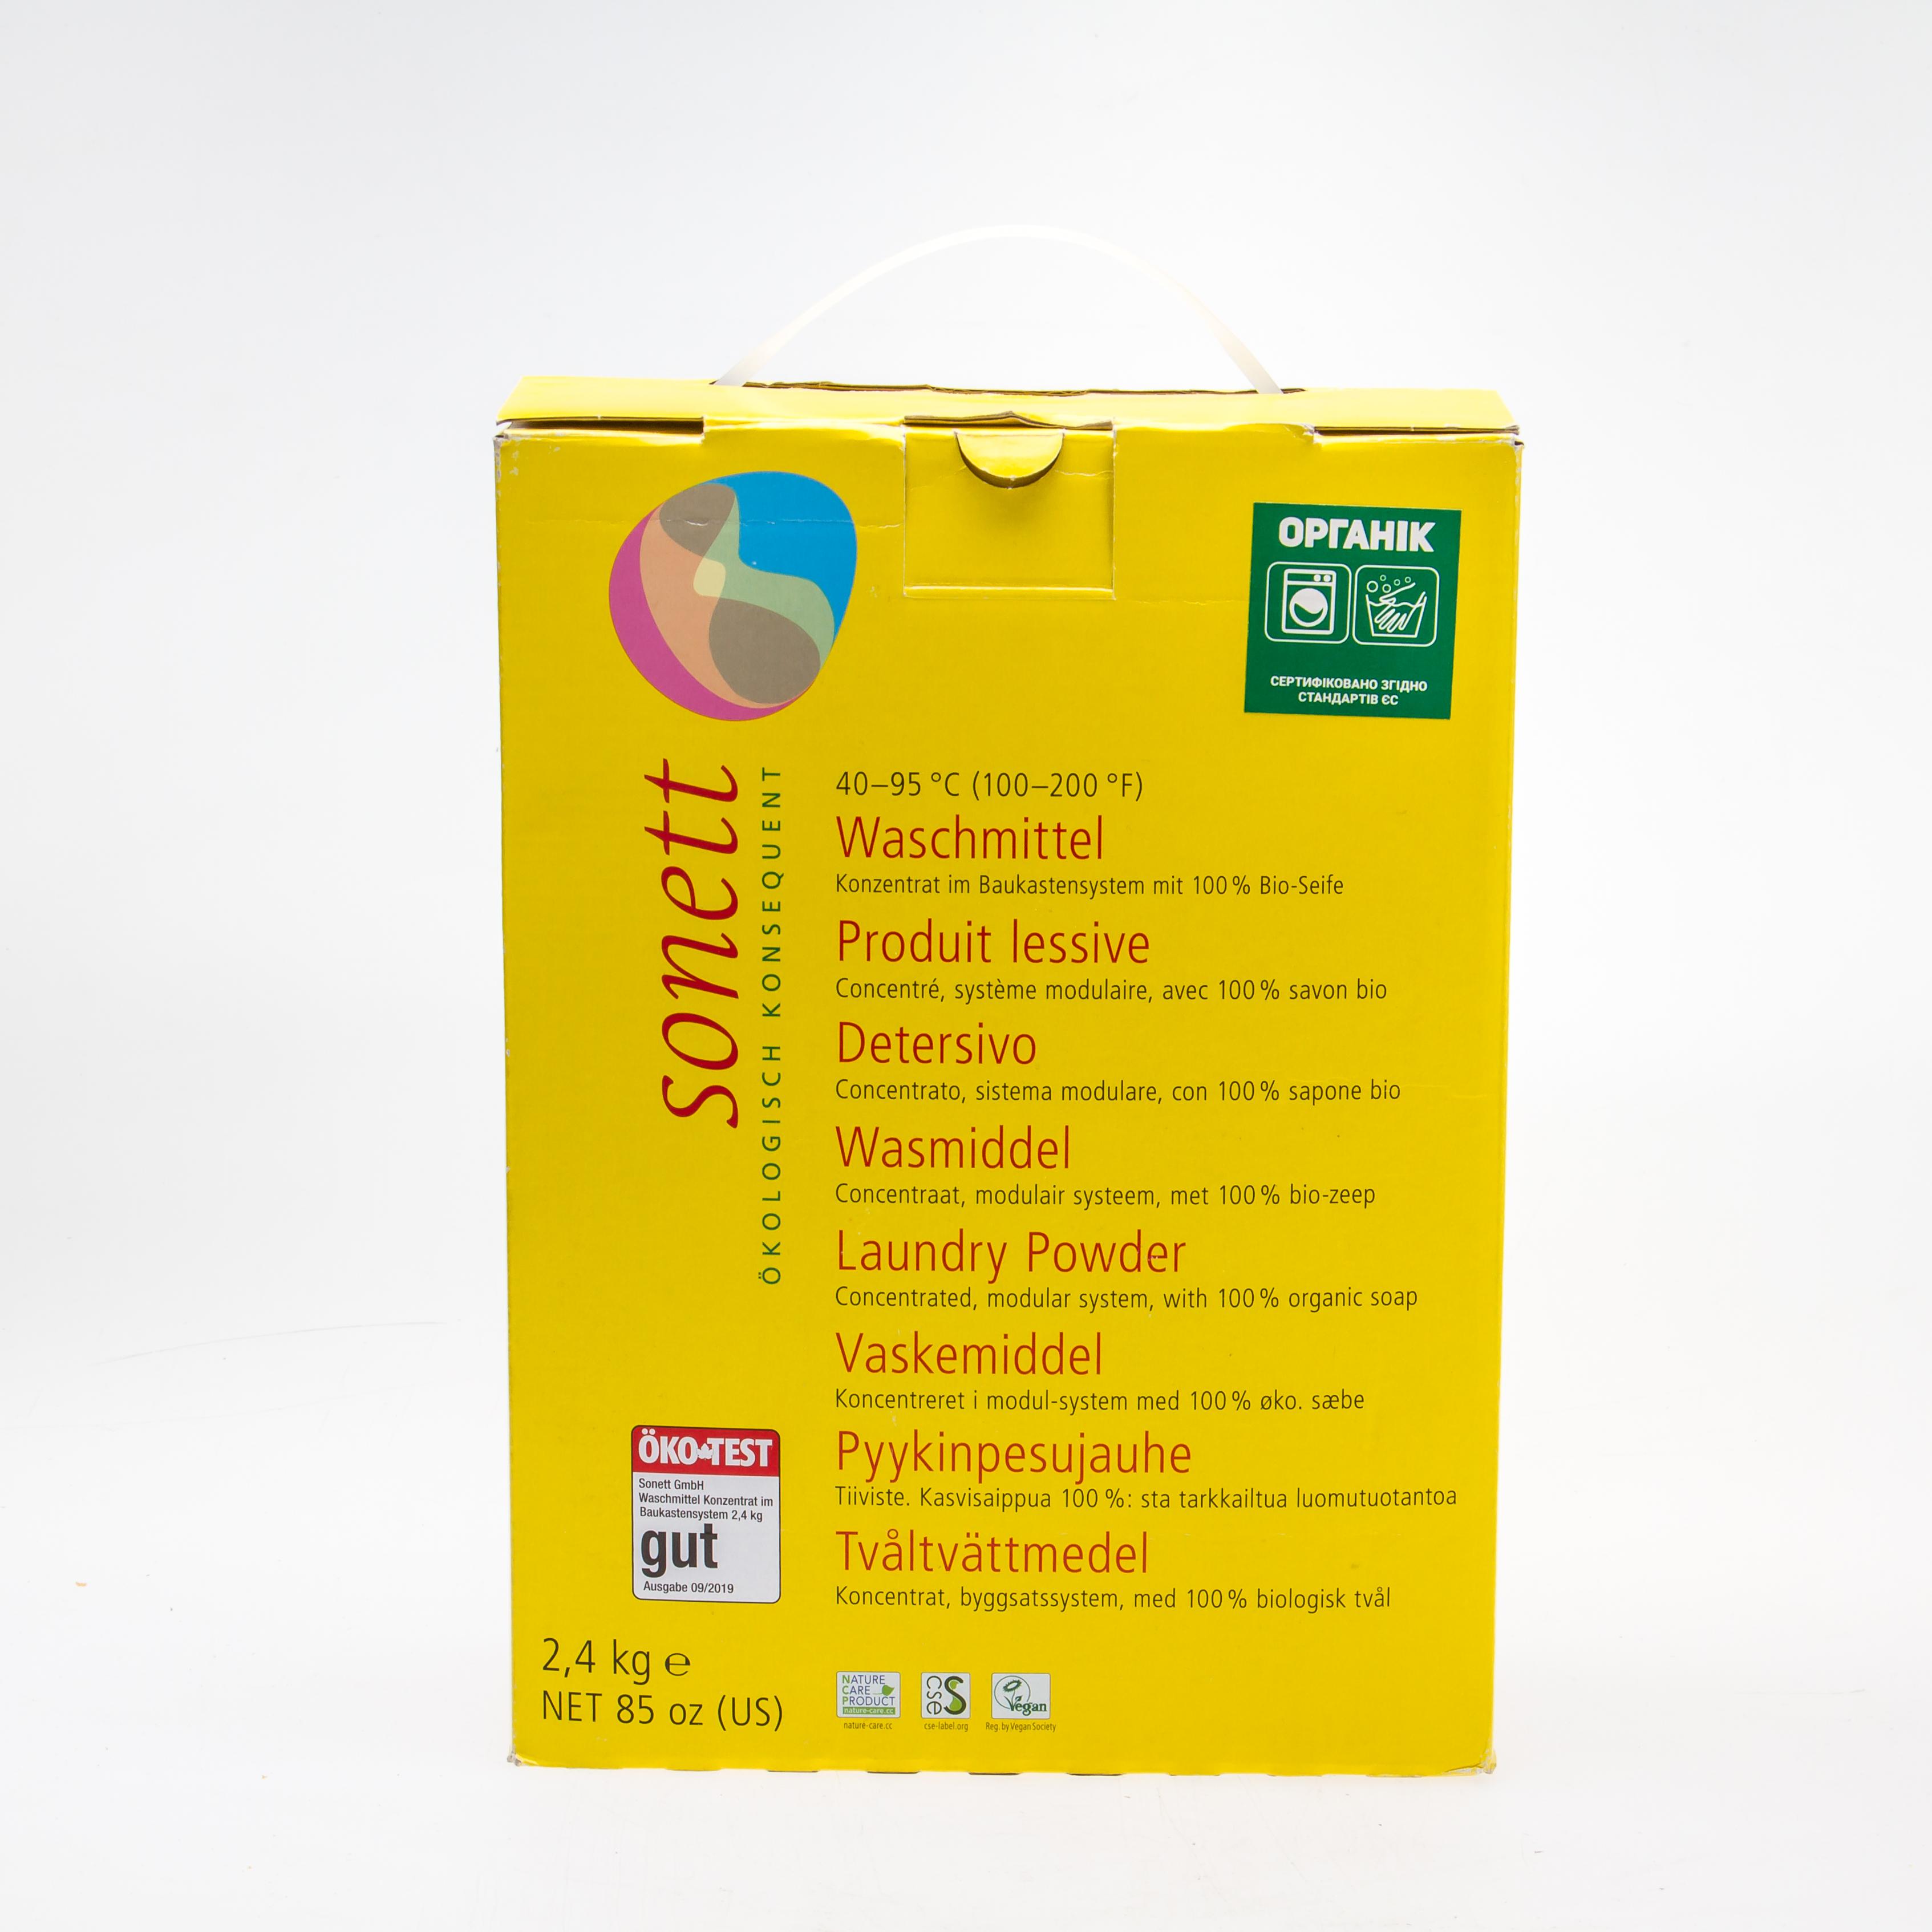 Sonett органічний порошок для прання. Концентрат, 2,4 кг - купить в интернет-магазине Юнимед